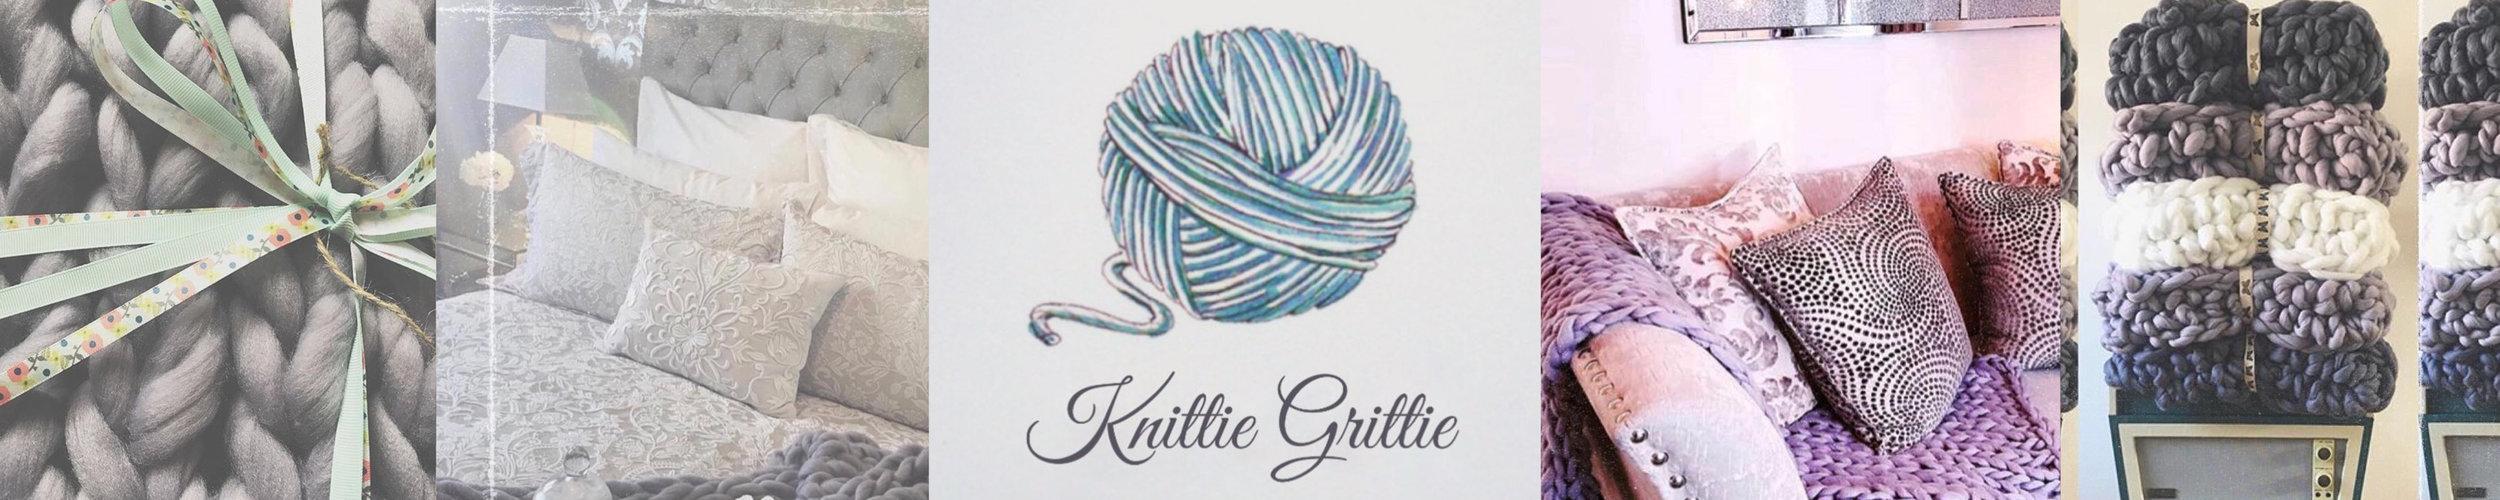 knittieG.jpeg